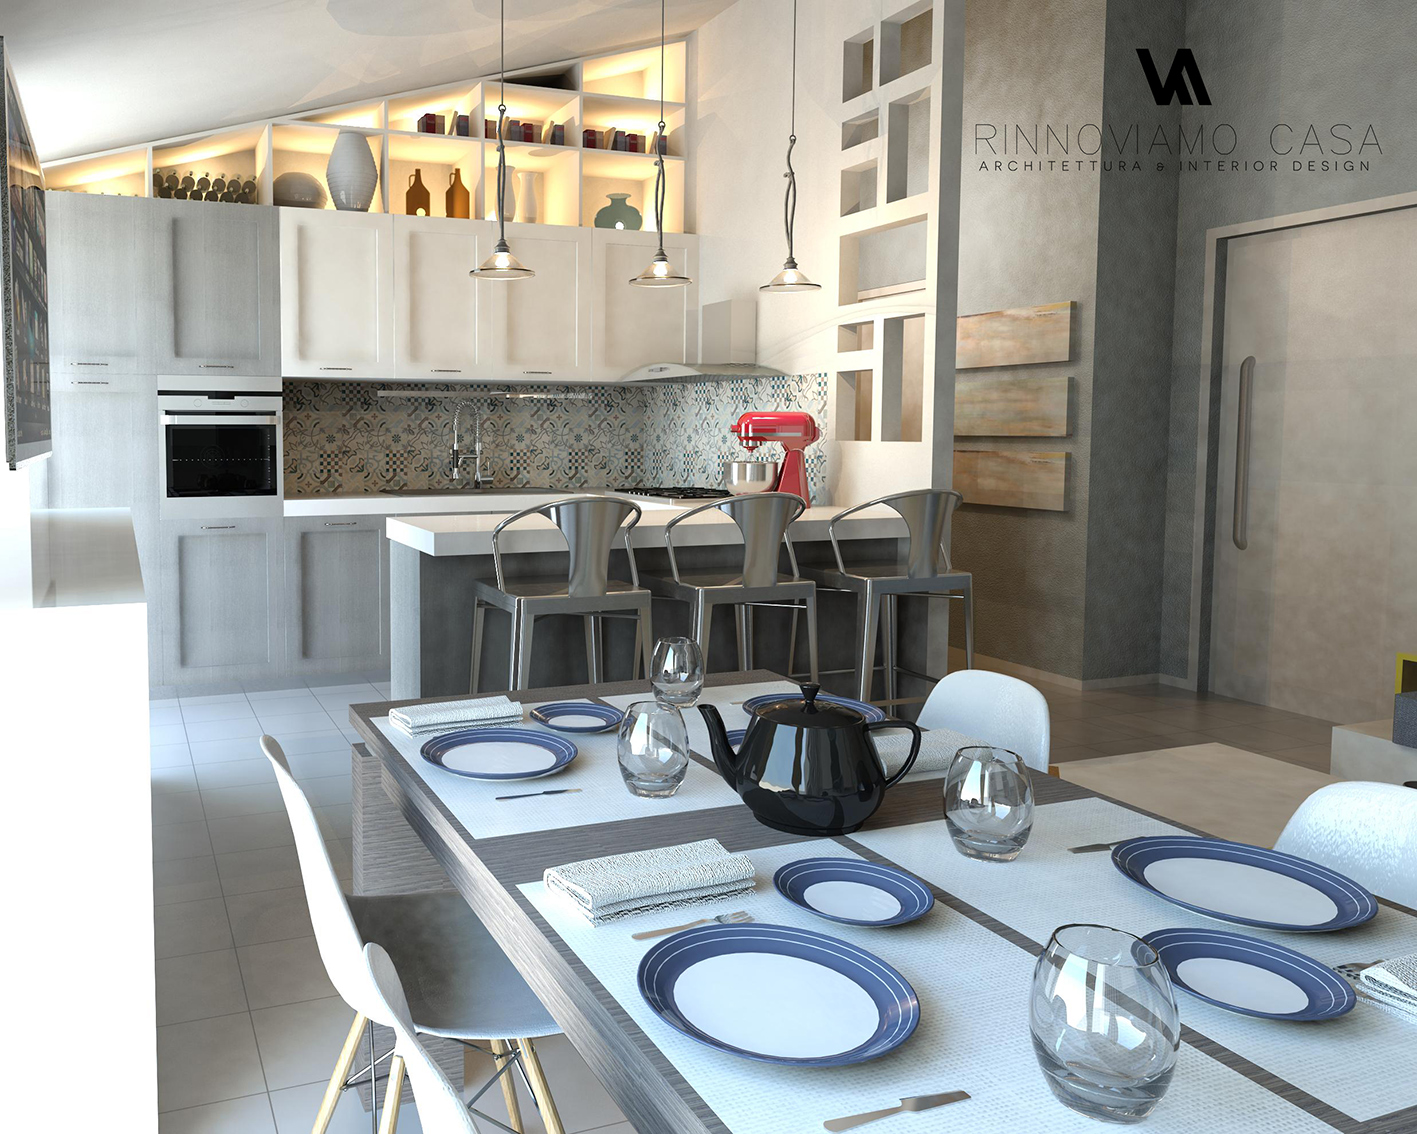 Progettazione Dinterni On Line : Progetti rinnoviamo casa consulenza architettonica e